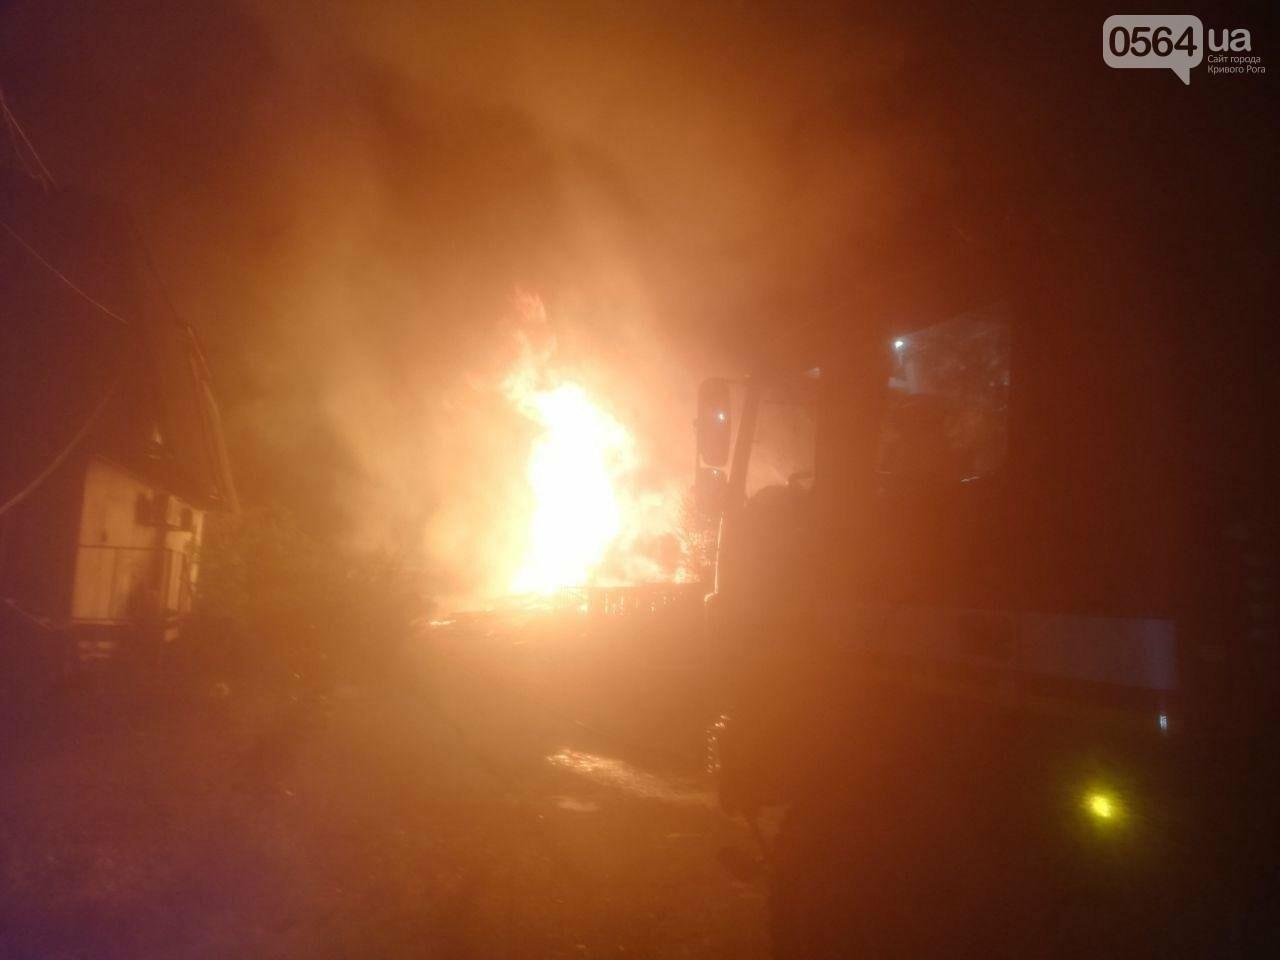 На деревообрабатывающем предприятии Кривого Рога огонь уничтожил несколько сотен квадратных метров бруса, - ФОТО, ВИДЕО, фото-2